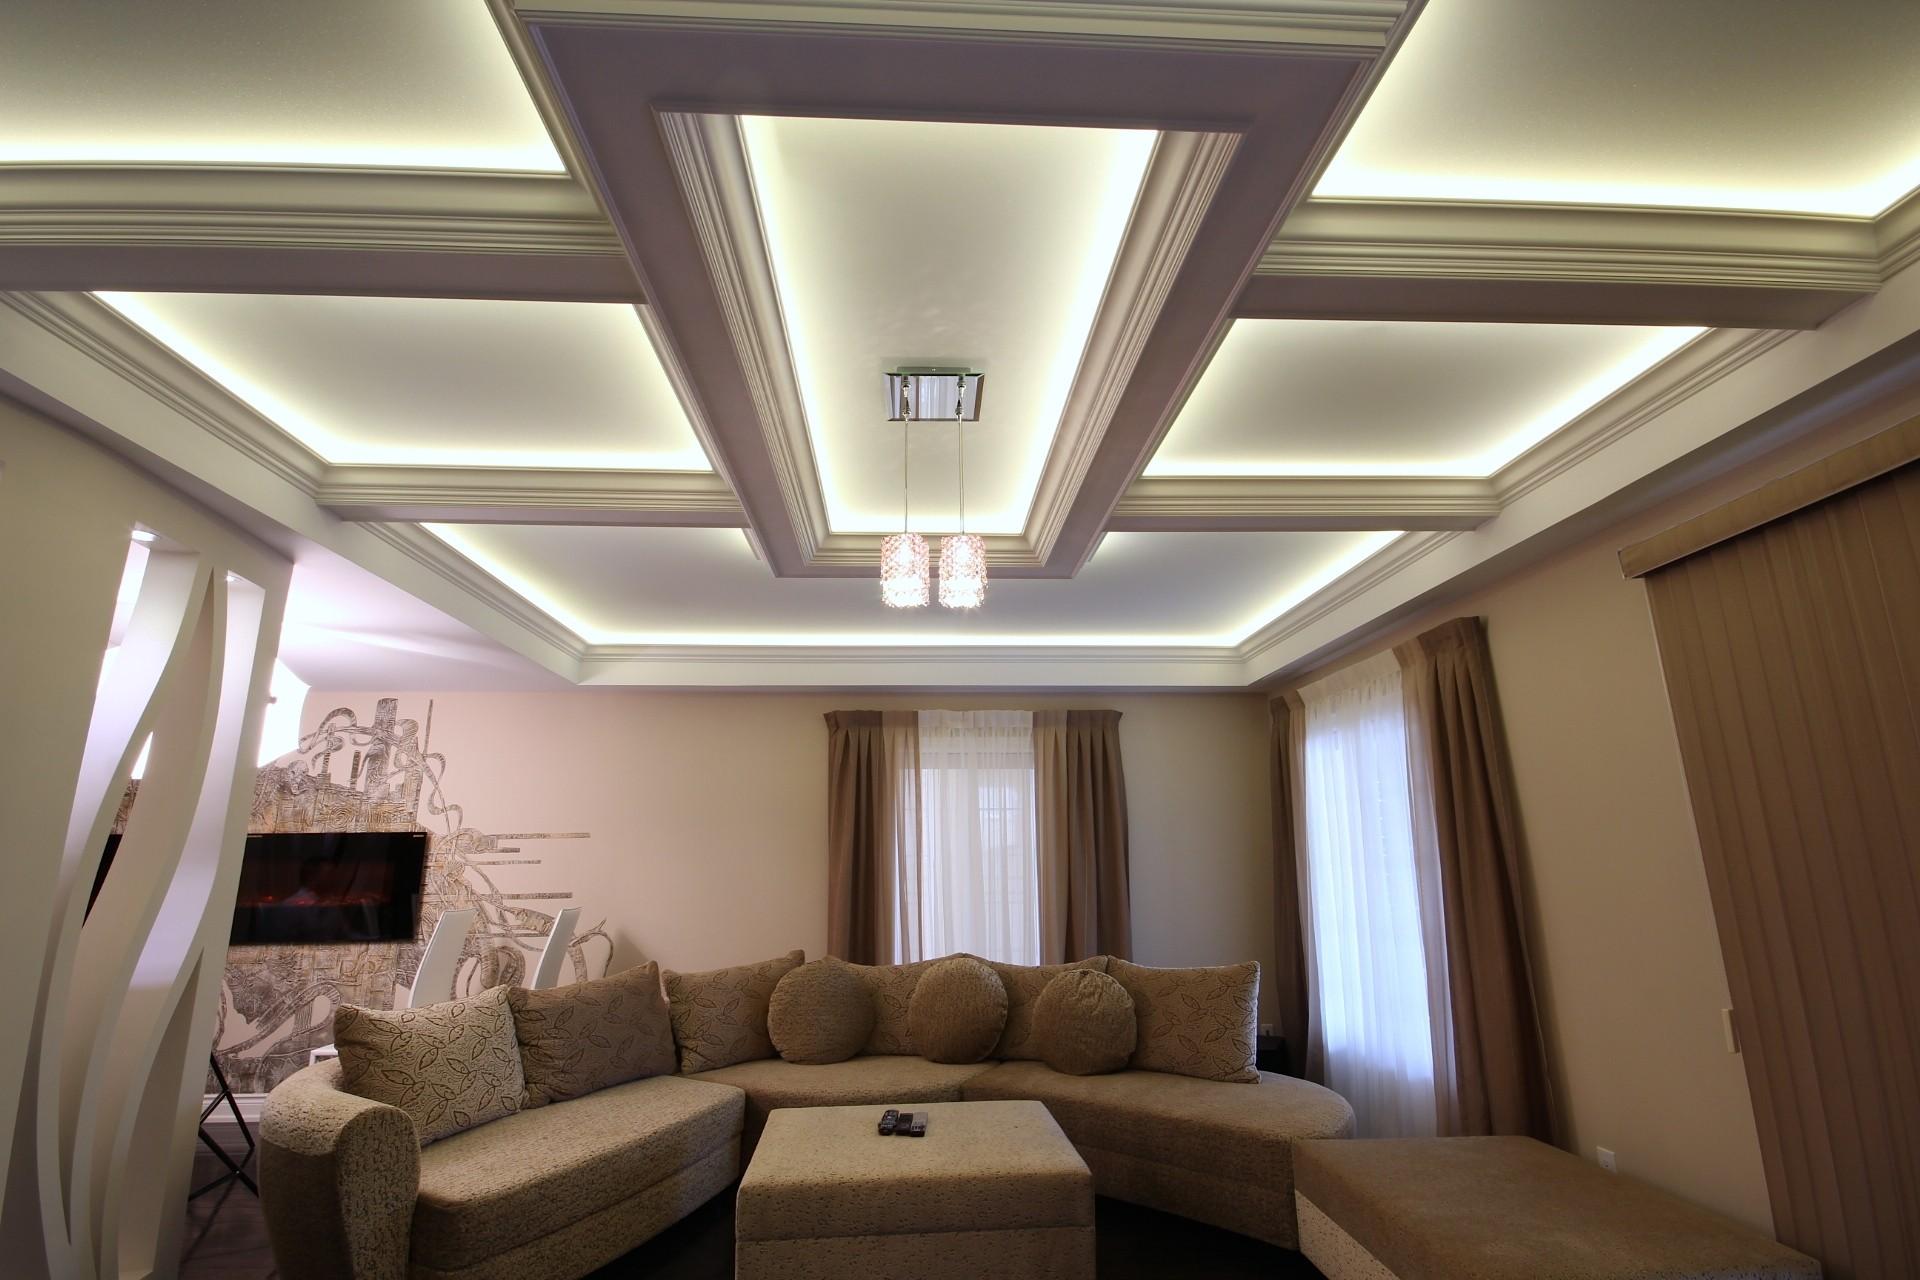 Советы по ремонту квартир от АСК Триан: Гипсокартонный подвесной потолок